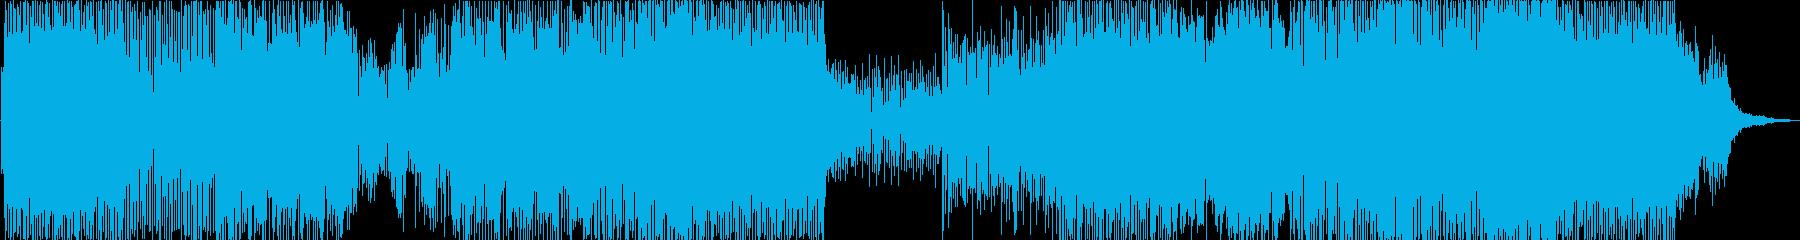 幽霊船の再生済みの波形